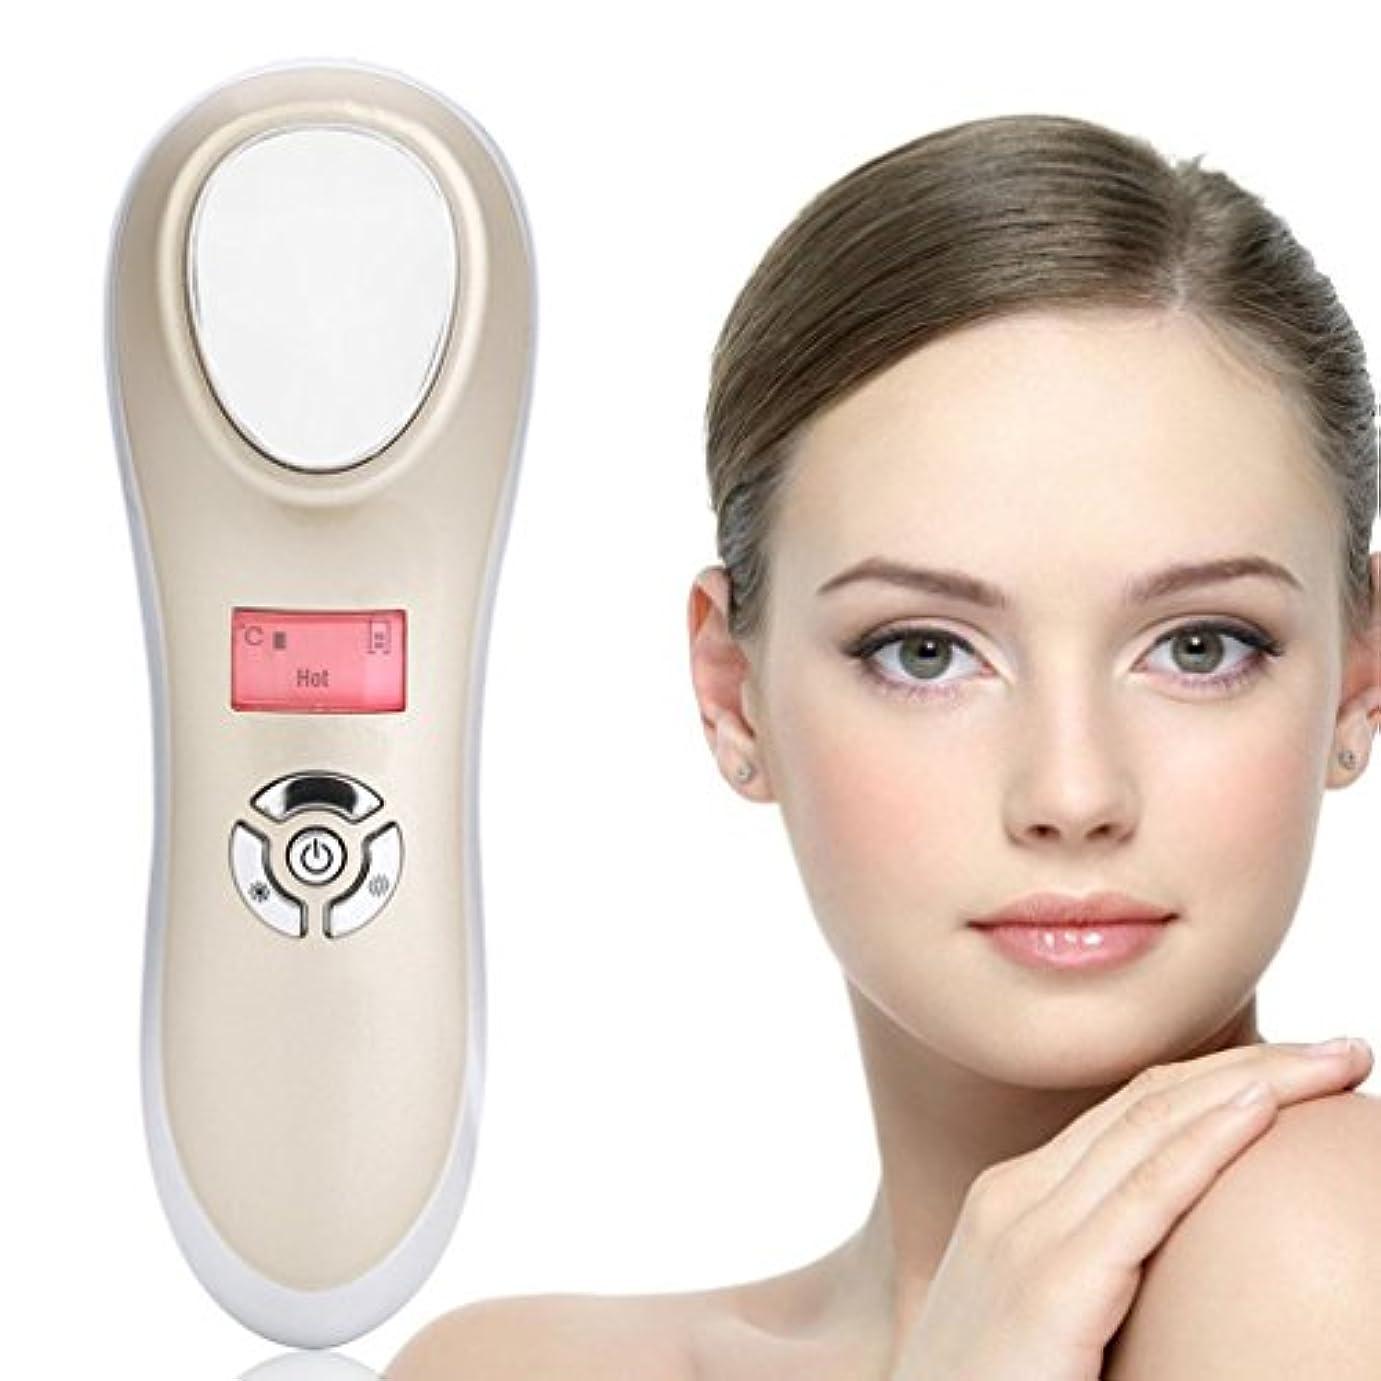 ファイターエステート補正美の器械、携帯用手持ち型の音波再充電可能なイオン顔のマッサージャーの熱くそして冷たい機械スキンケア装置